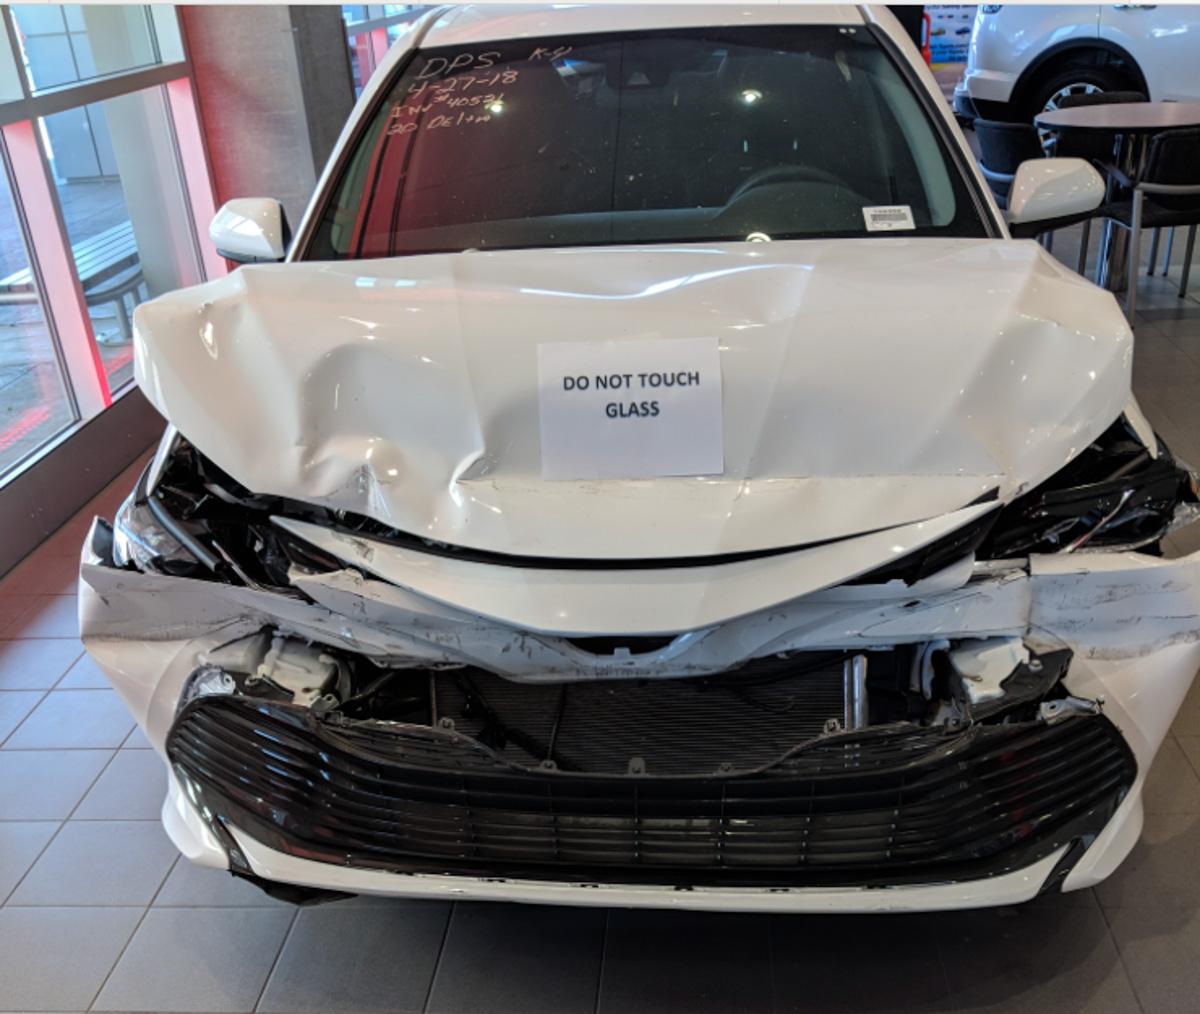 2018 Toyota Camry 有多安全?这张图说明一切!